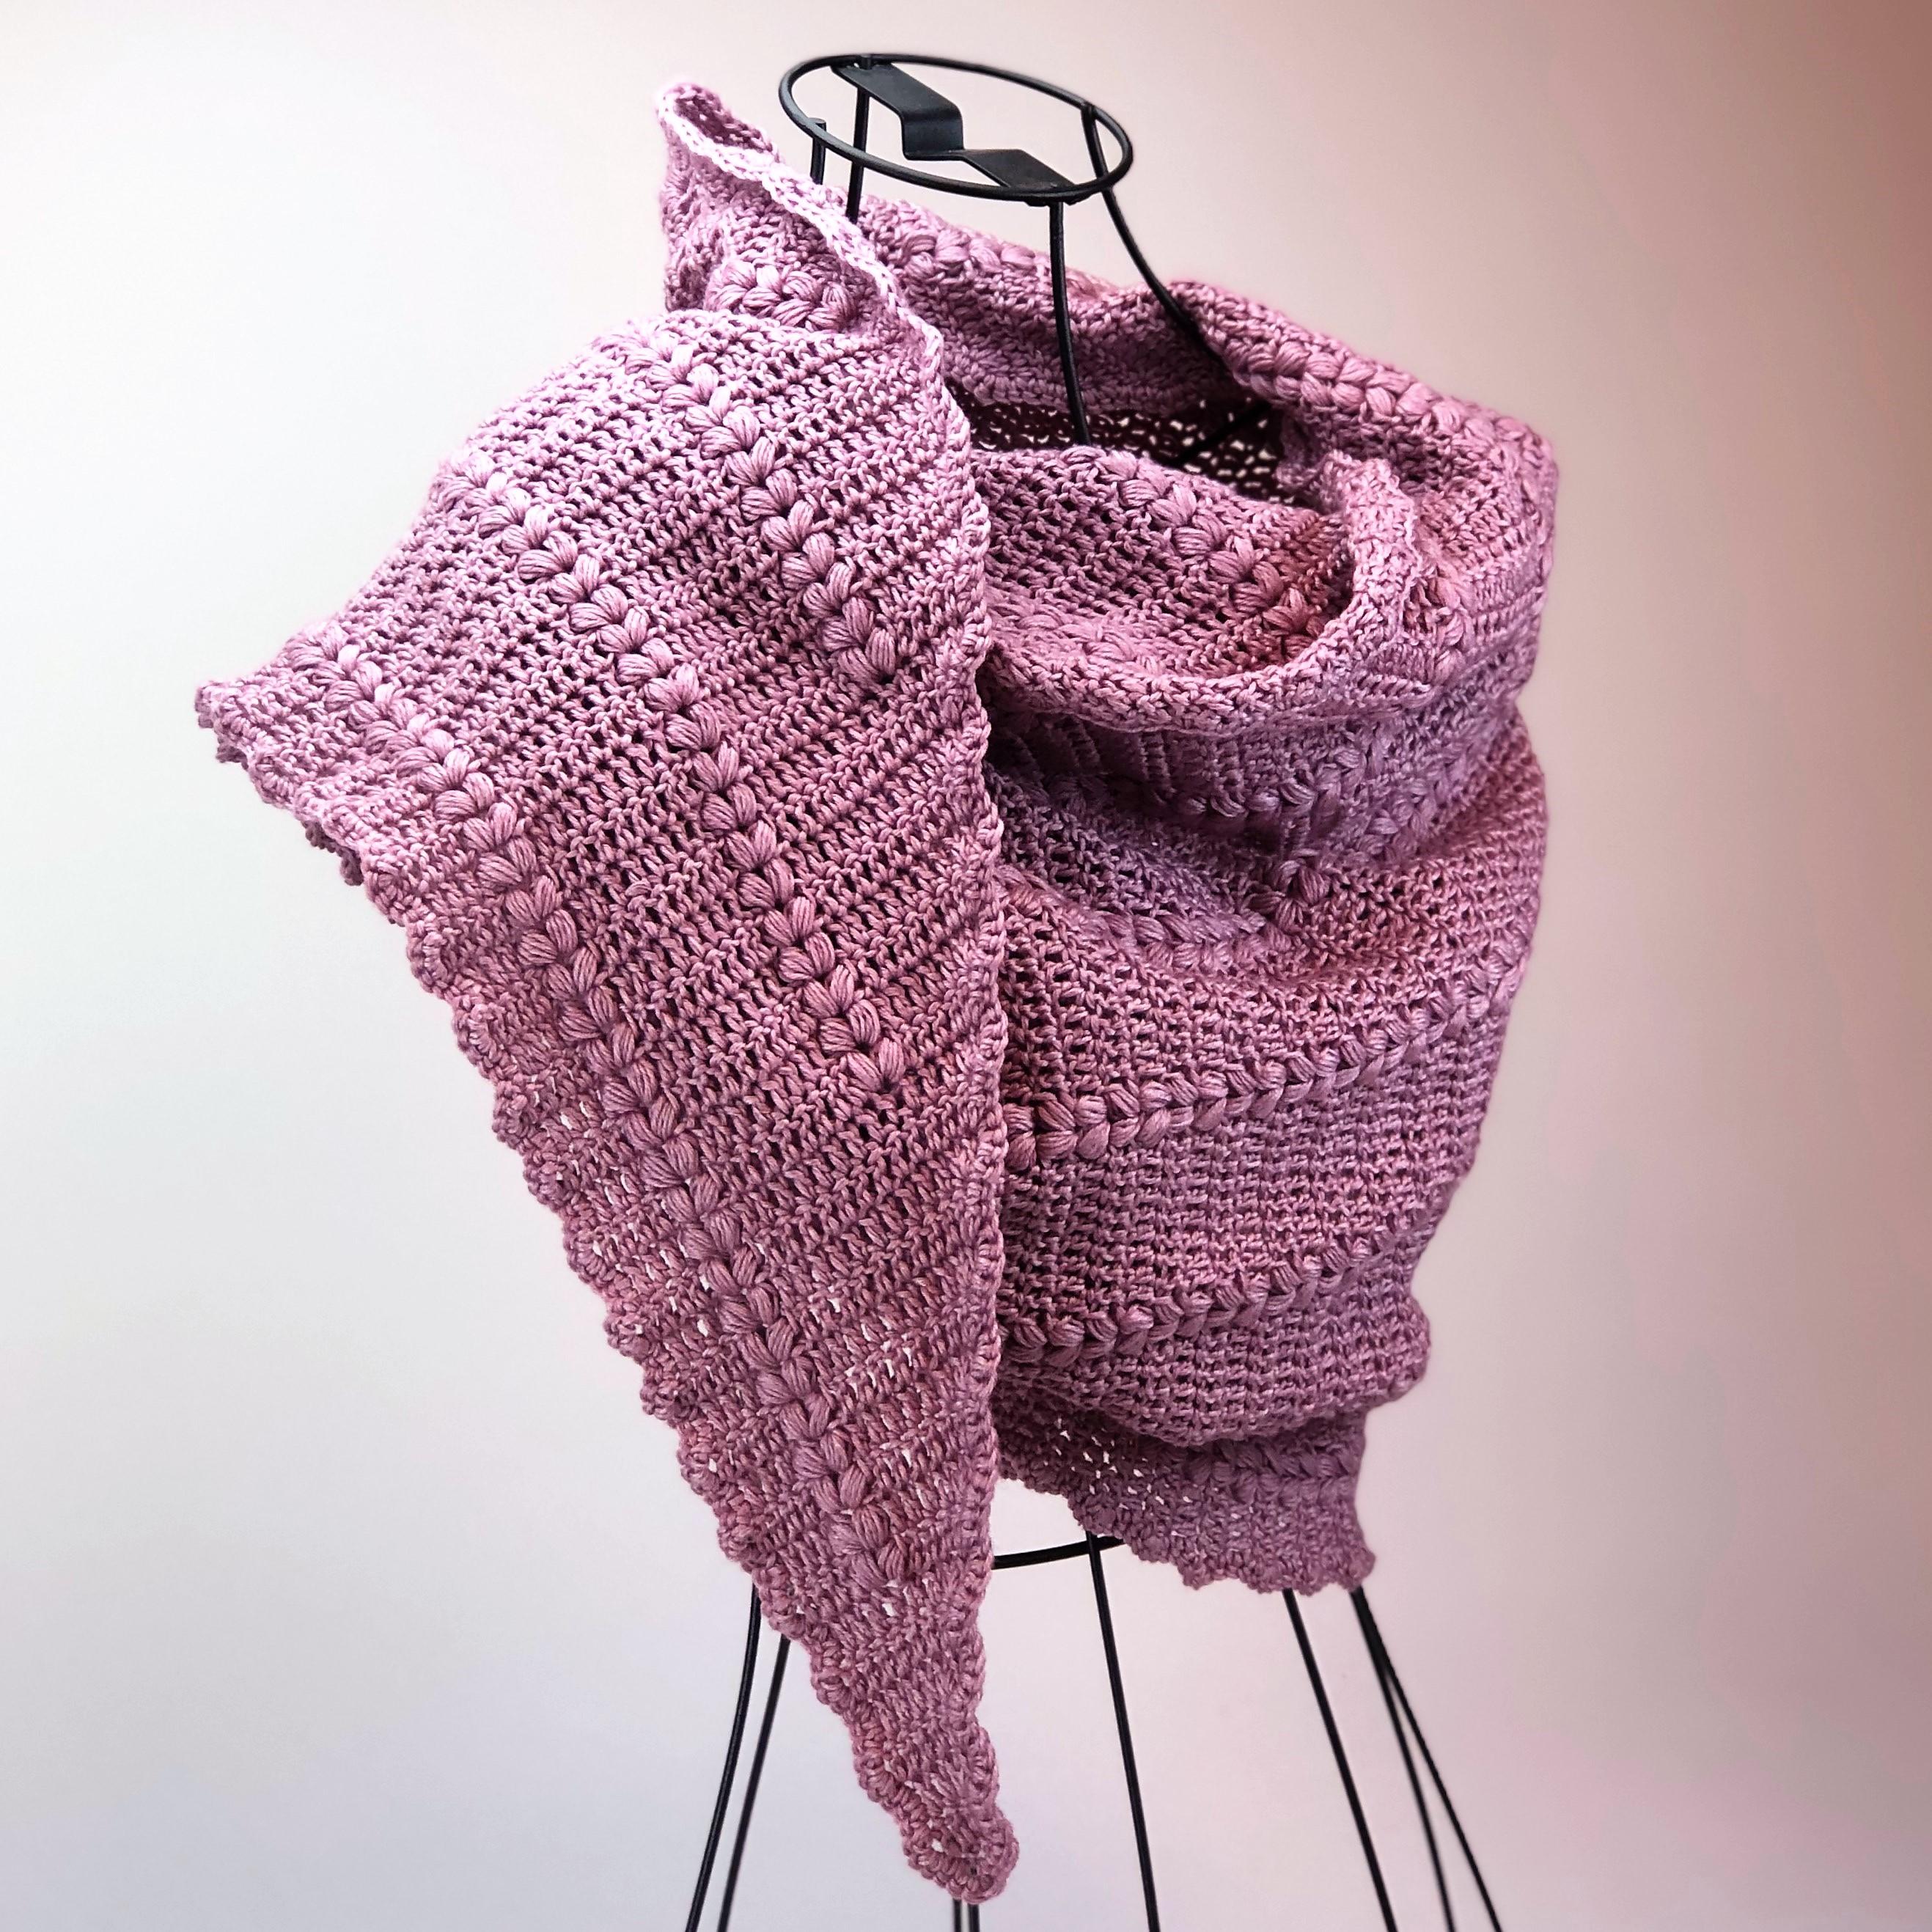 bra erbjudanden Kolla på ny kollektion Garn och mönster till virkad sjal med hjärtmönster. Garn Tencel-Merino